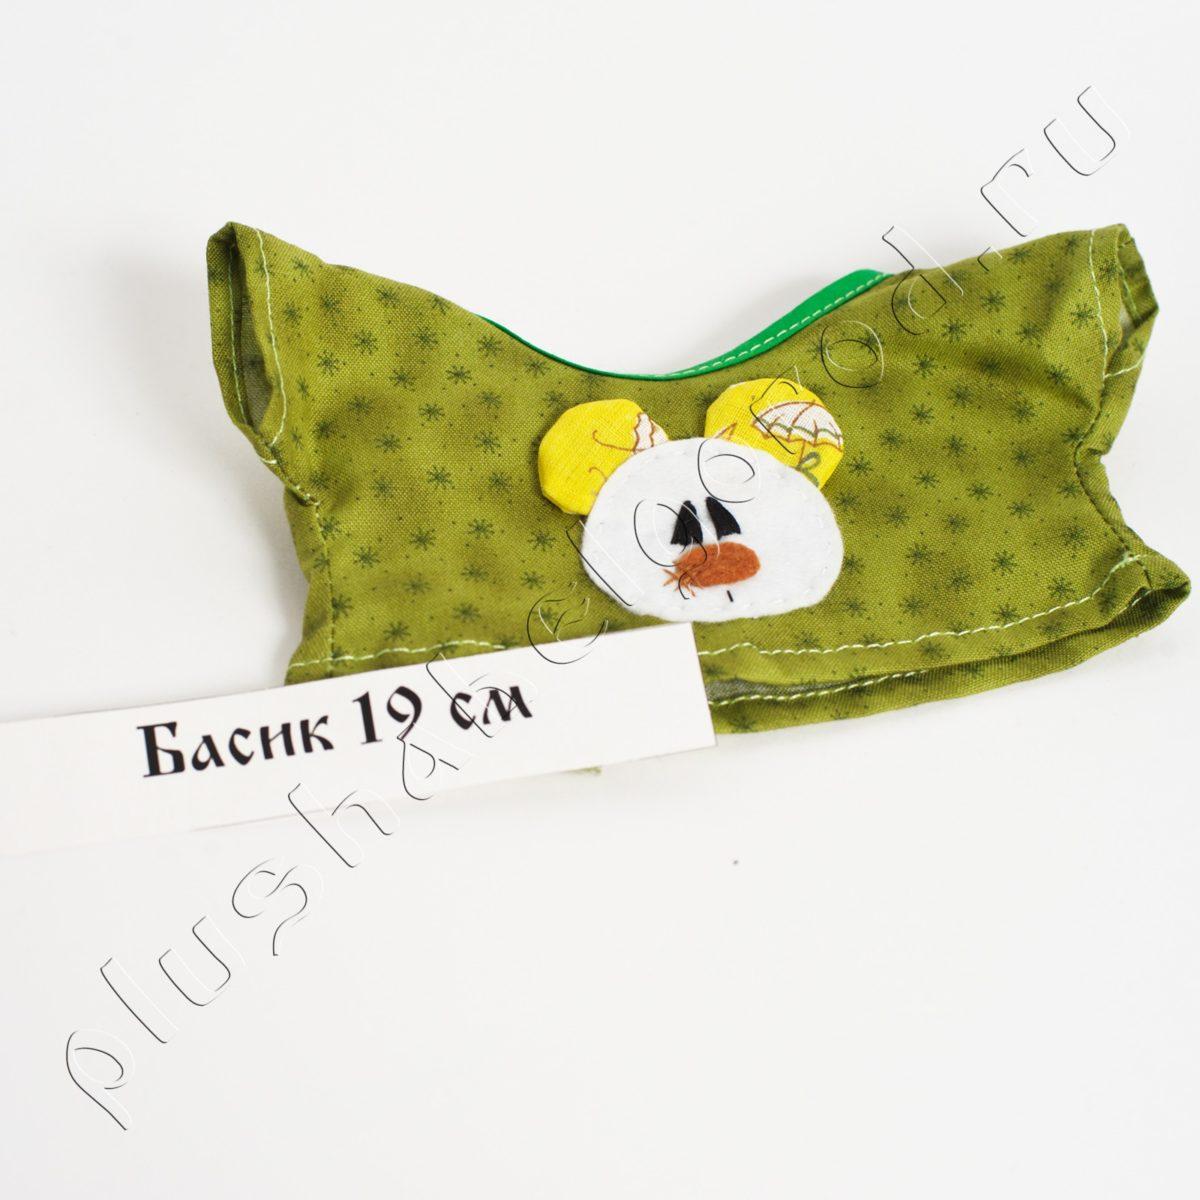 Футболка с мишкой зелёная для 19 см!!!!!